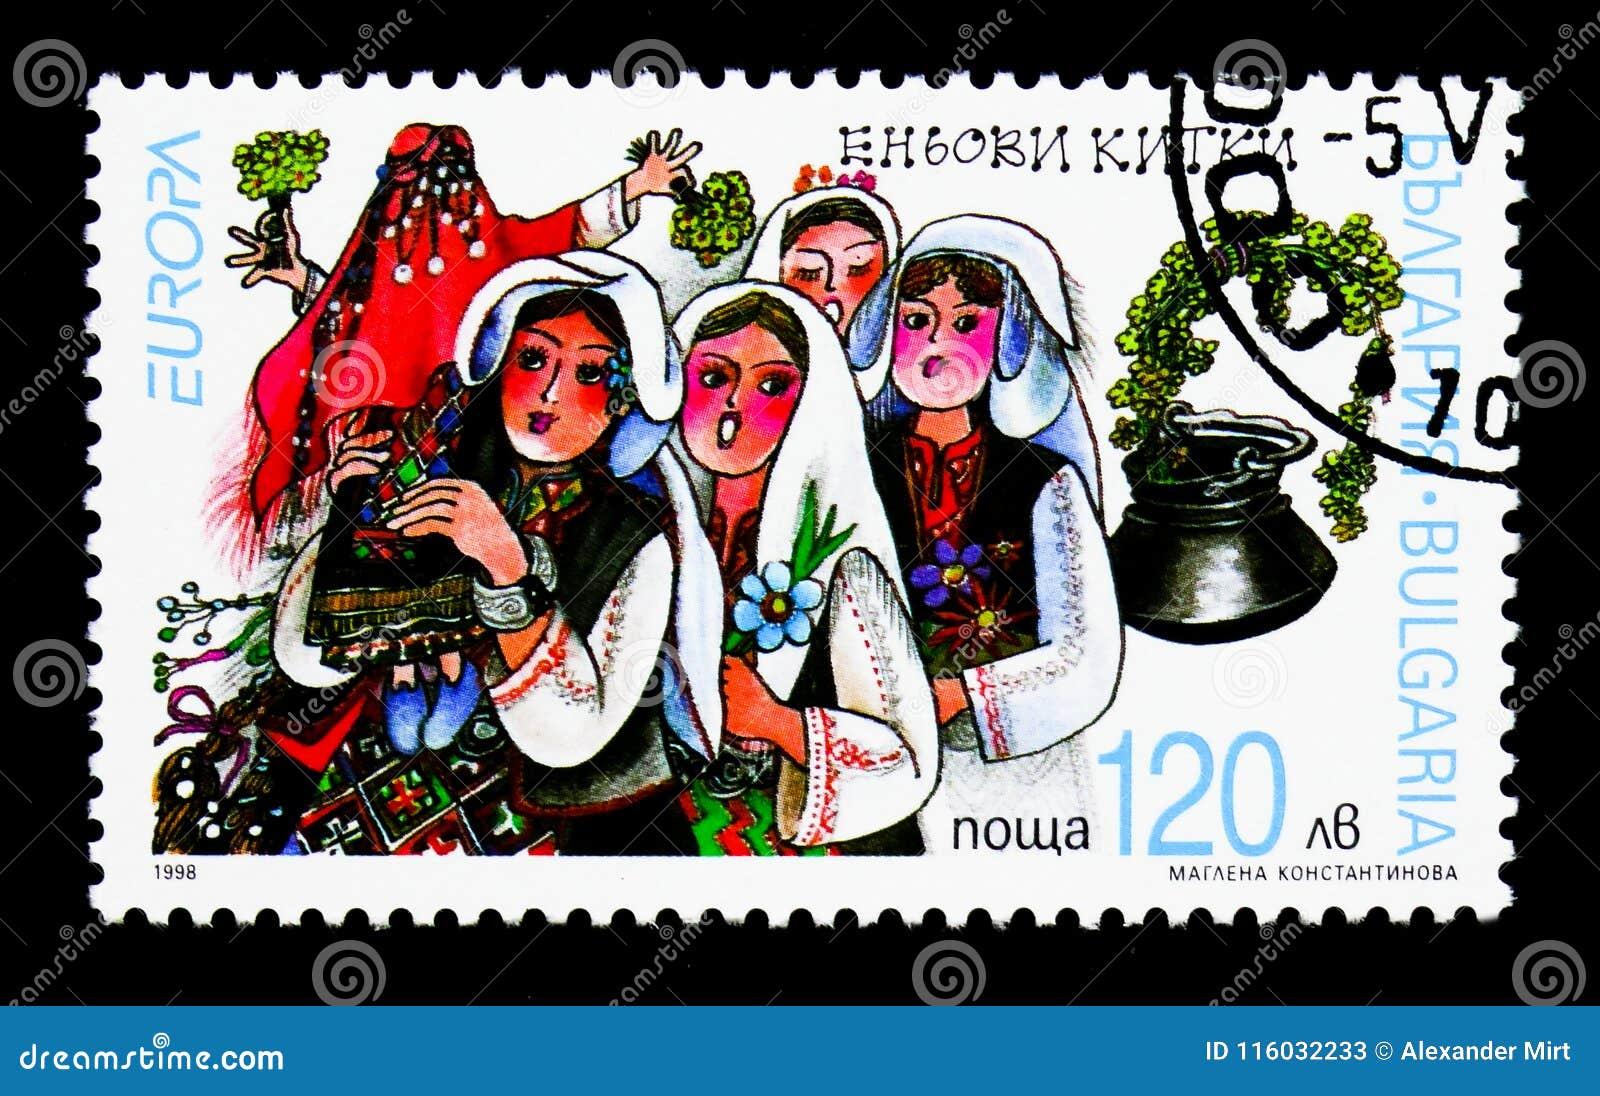 Nationella festivaler och dagar Europa (C E P T ) 1998 - festmåltider och